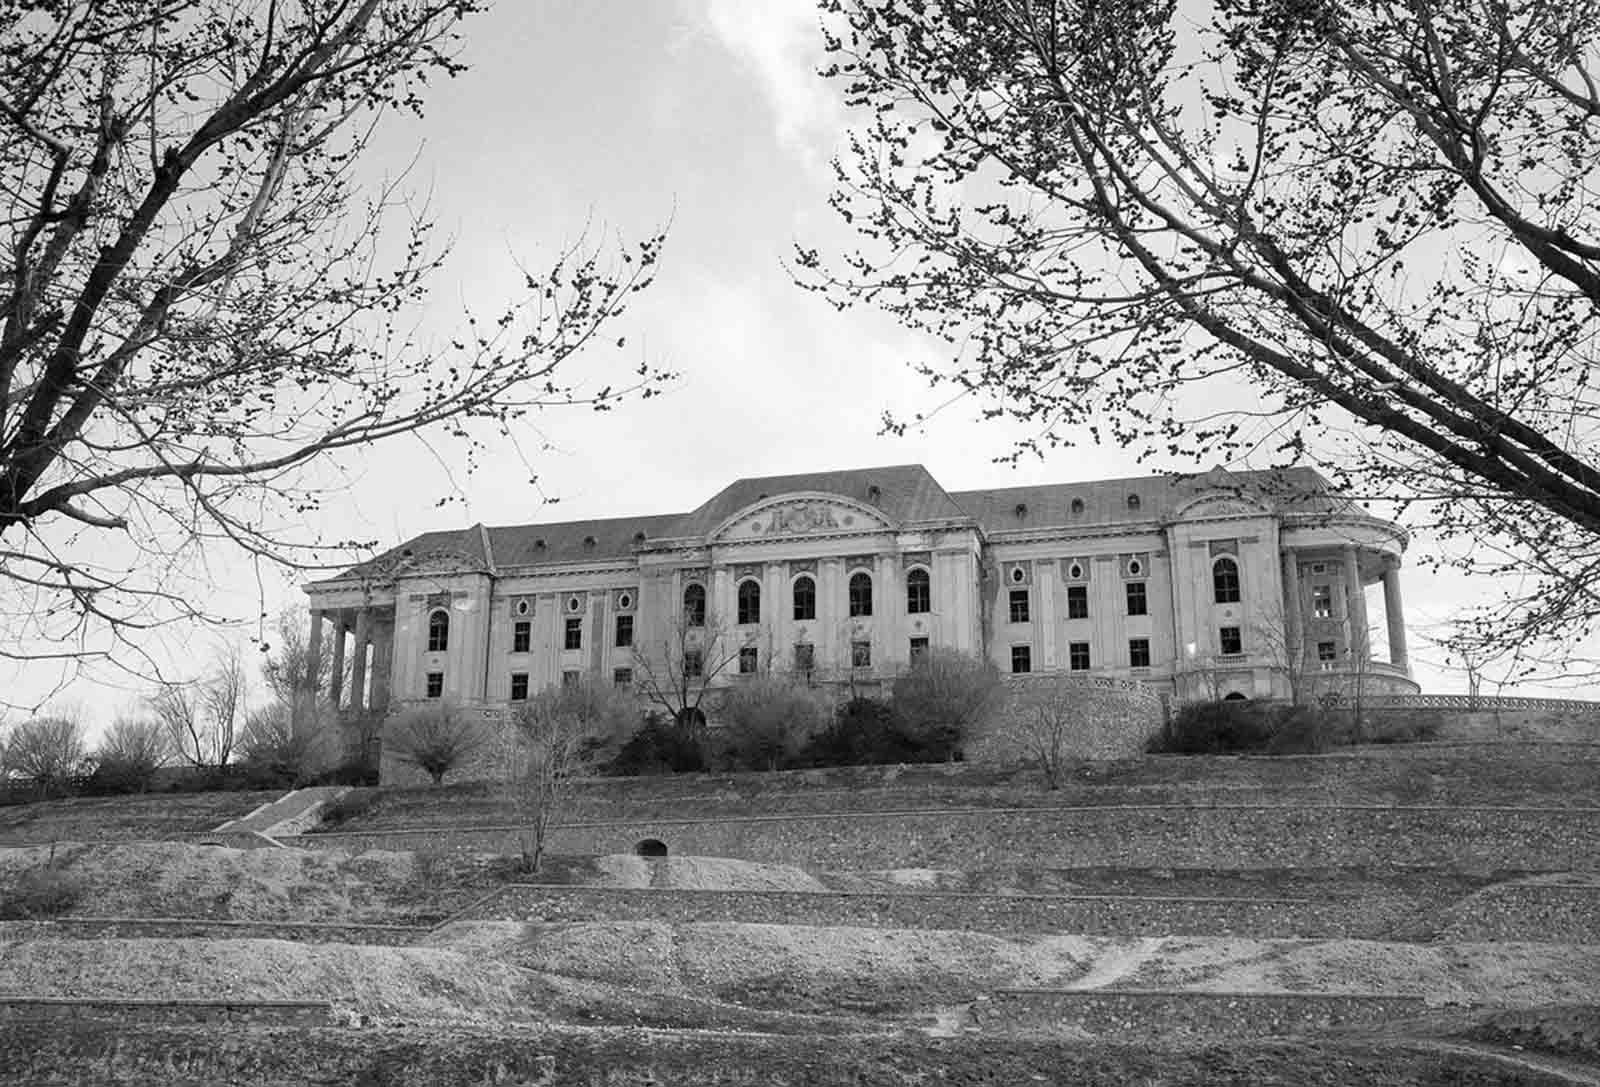 El Palacio de Tajbeg (la Reina), el Palacio de Amanullah Khan en Kabul, fotografiado el 8 de octubre de 1949. Amanullah Khan, rey de Afganistán a principios del siglo 20, intentó modernizar su país y realizar muchas reformas para eliminar muchas costumbres y tradiciones ancestrales. habitos Sus ambiciosos planes e ideas se basaron en lo que había visto durante una visita a Europa.